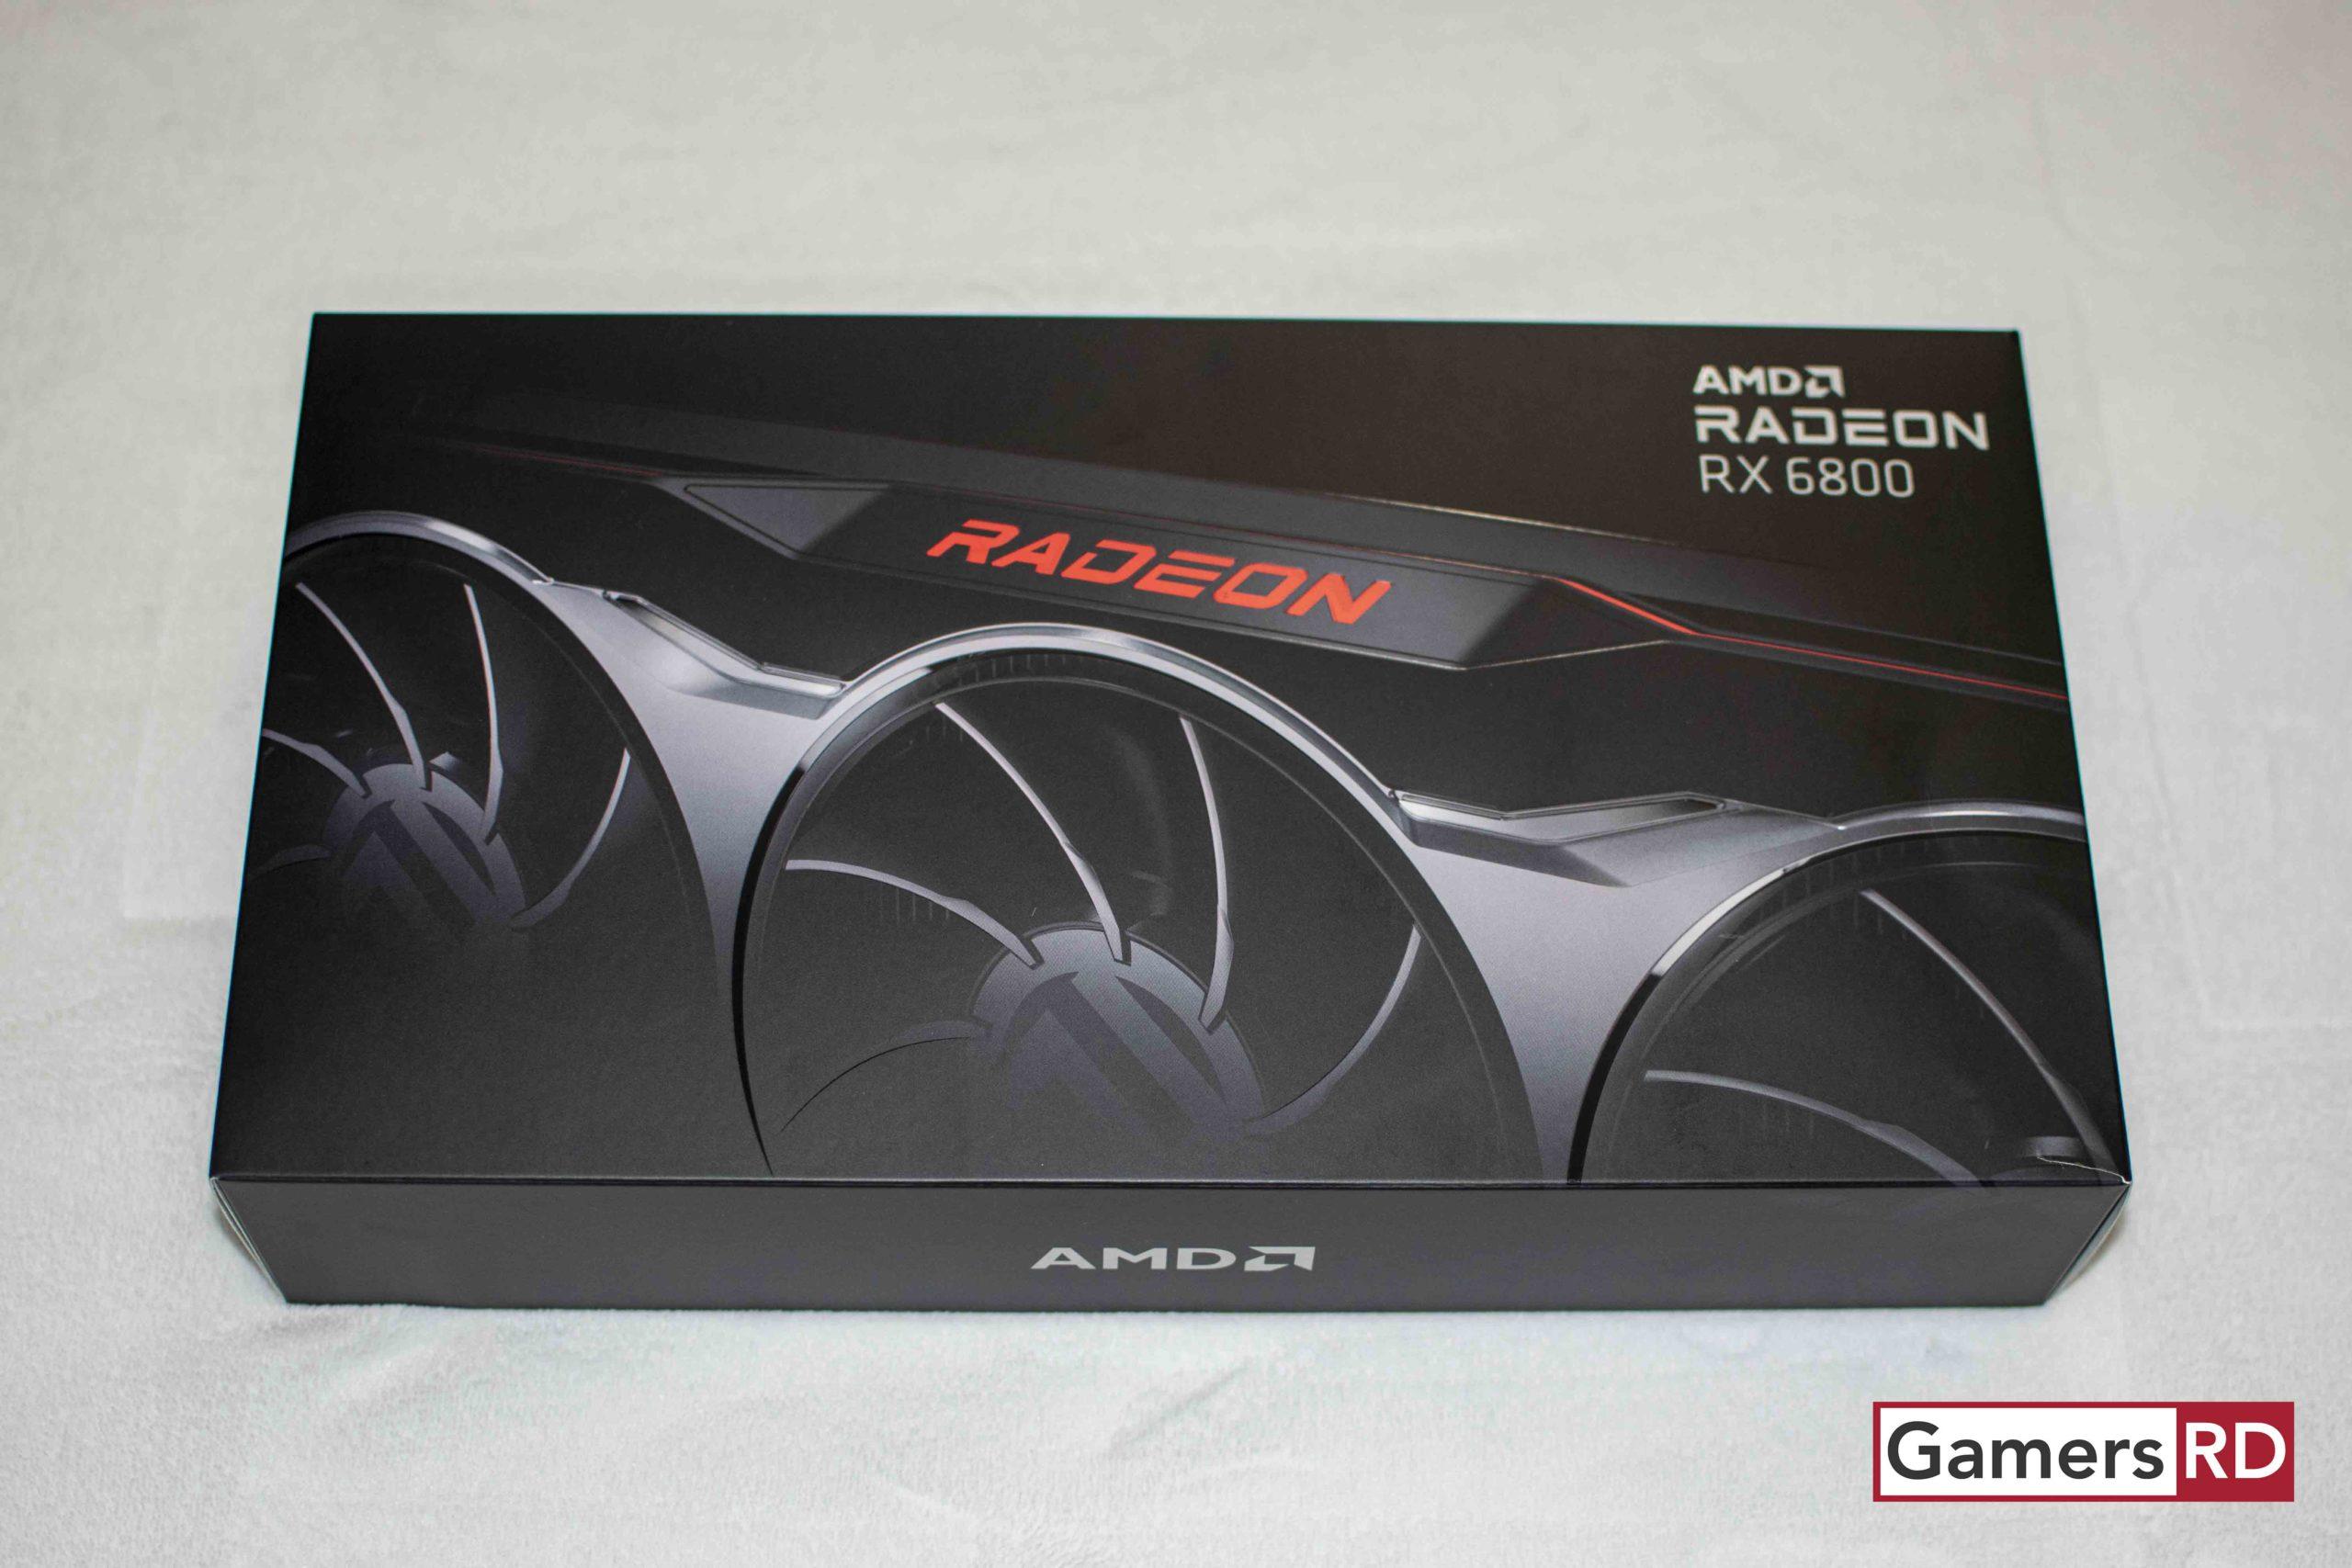 AMD Radeon RX 6800 Review 1,GamersRD